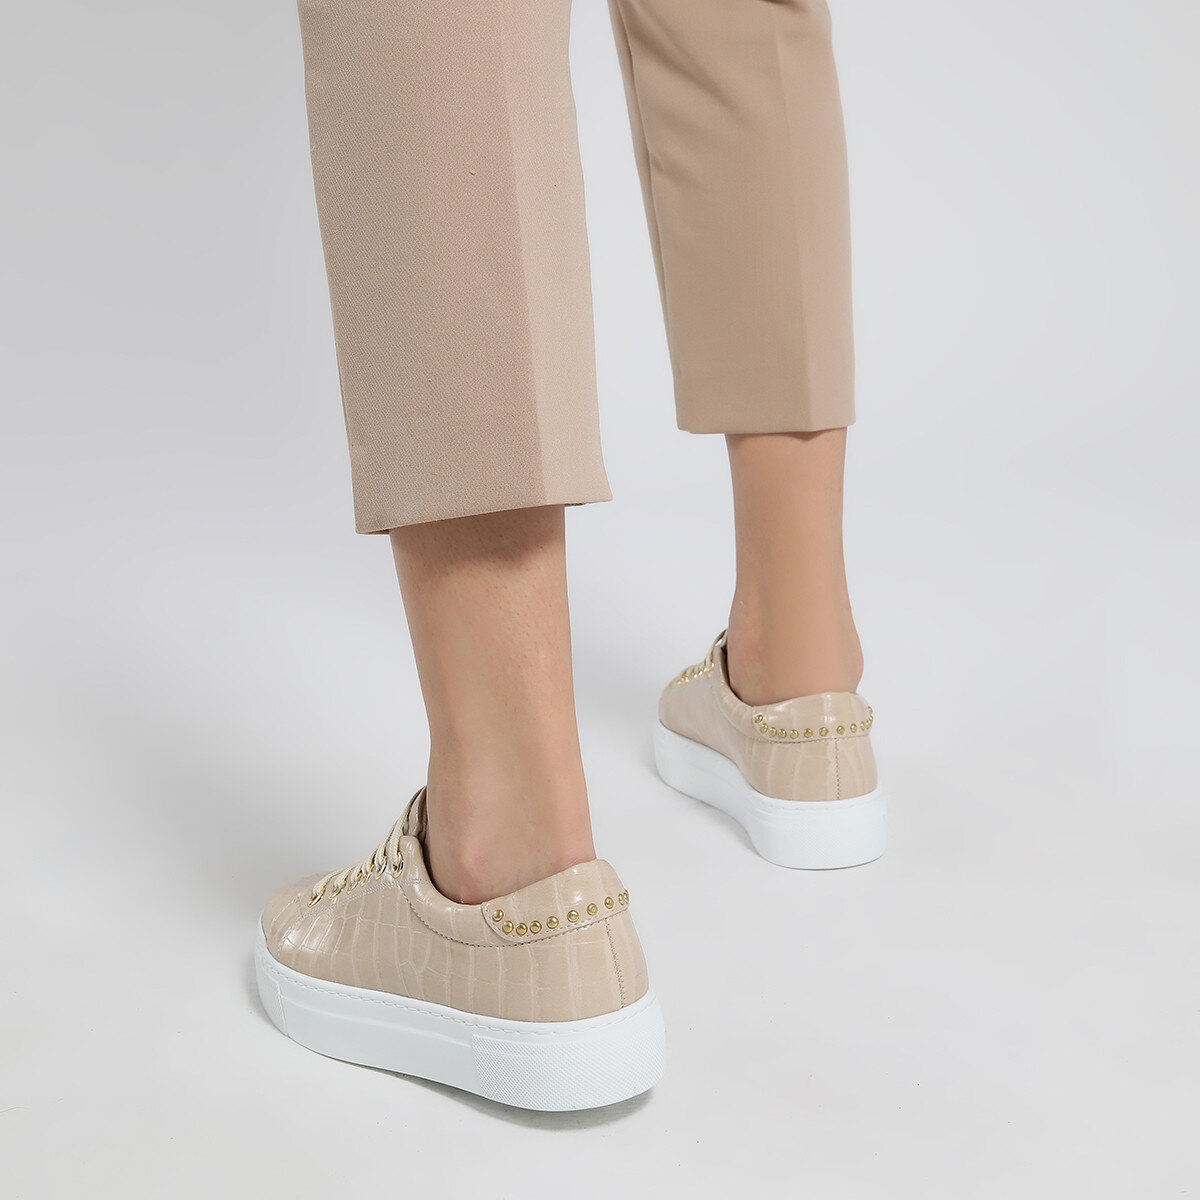 ANDY Bej Kadın Spor Ayakkabı